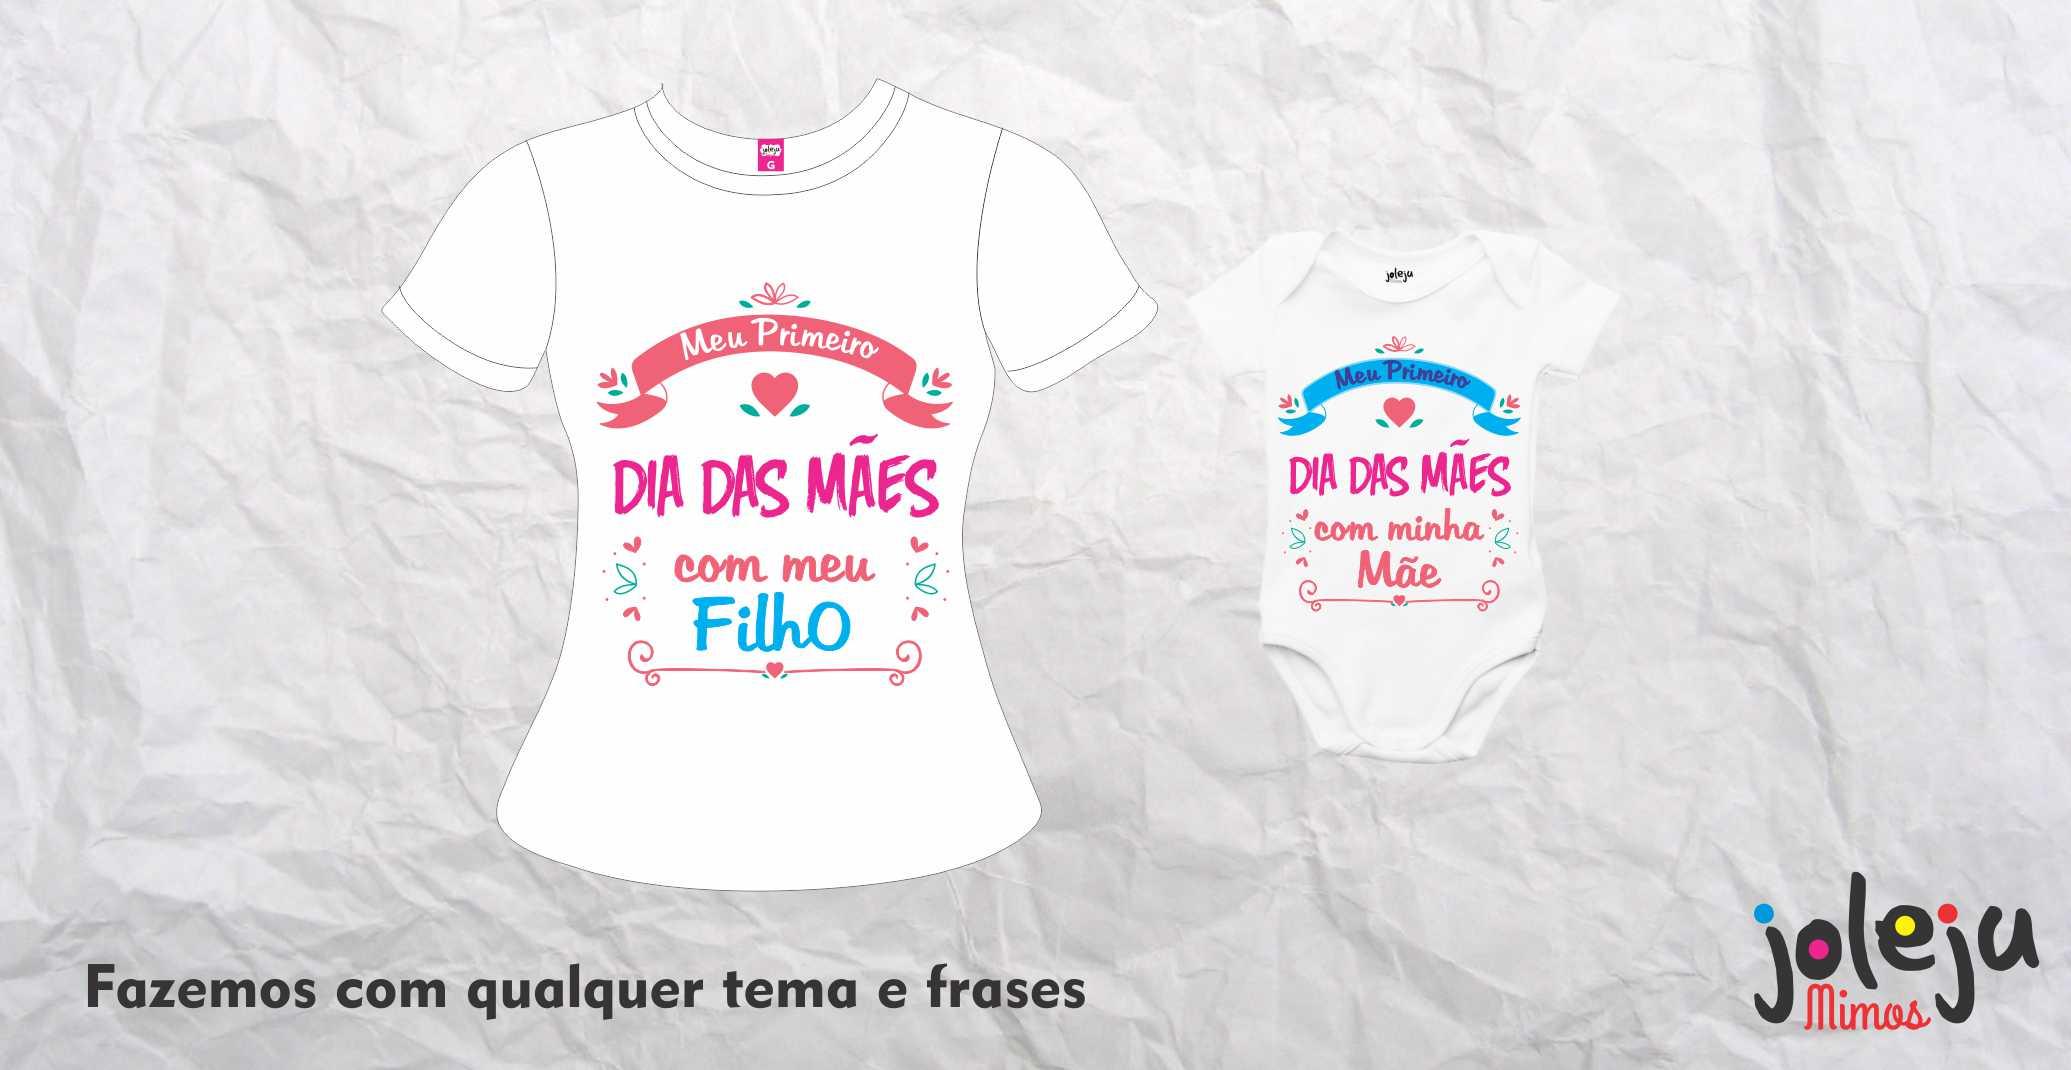 Kit Camiseta Primeiro Dia Das Mães